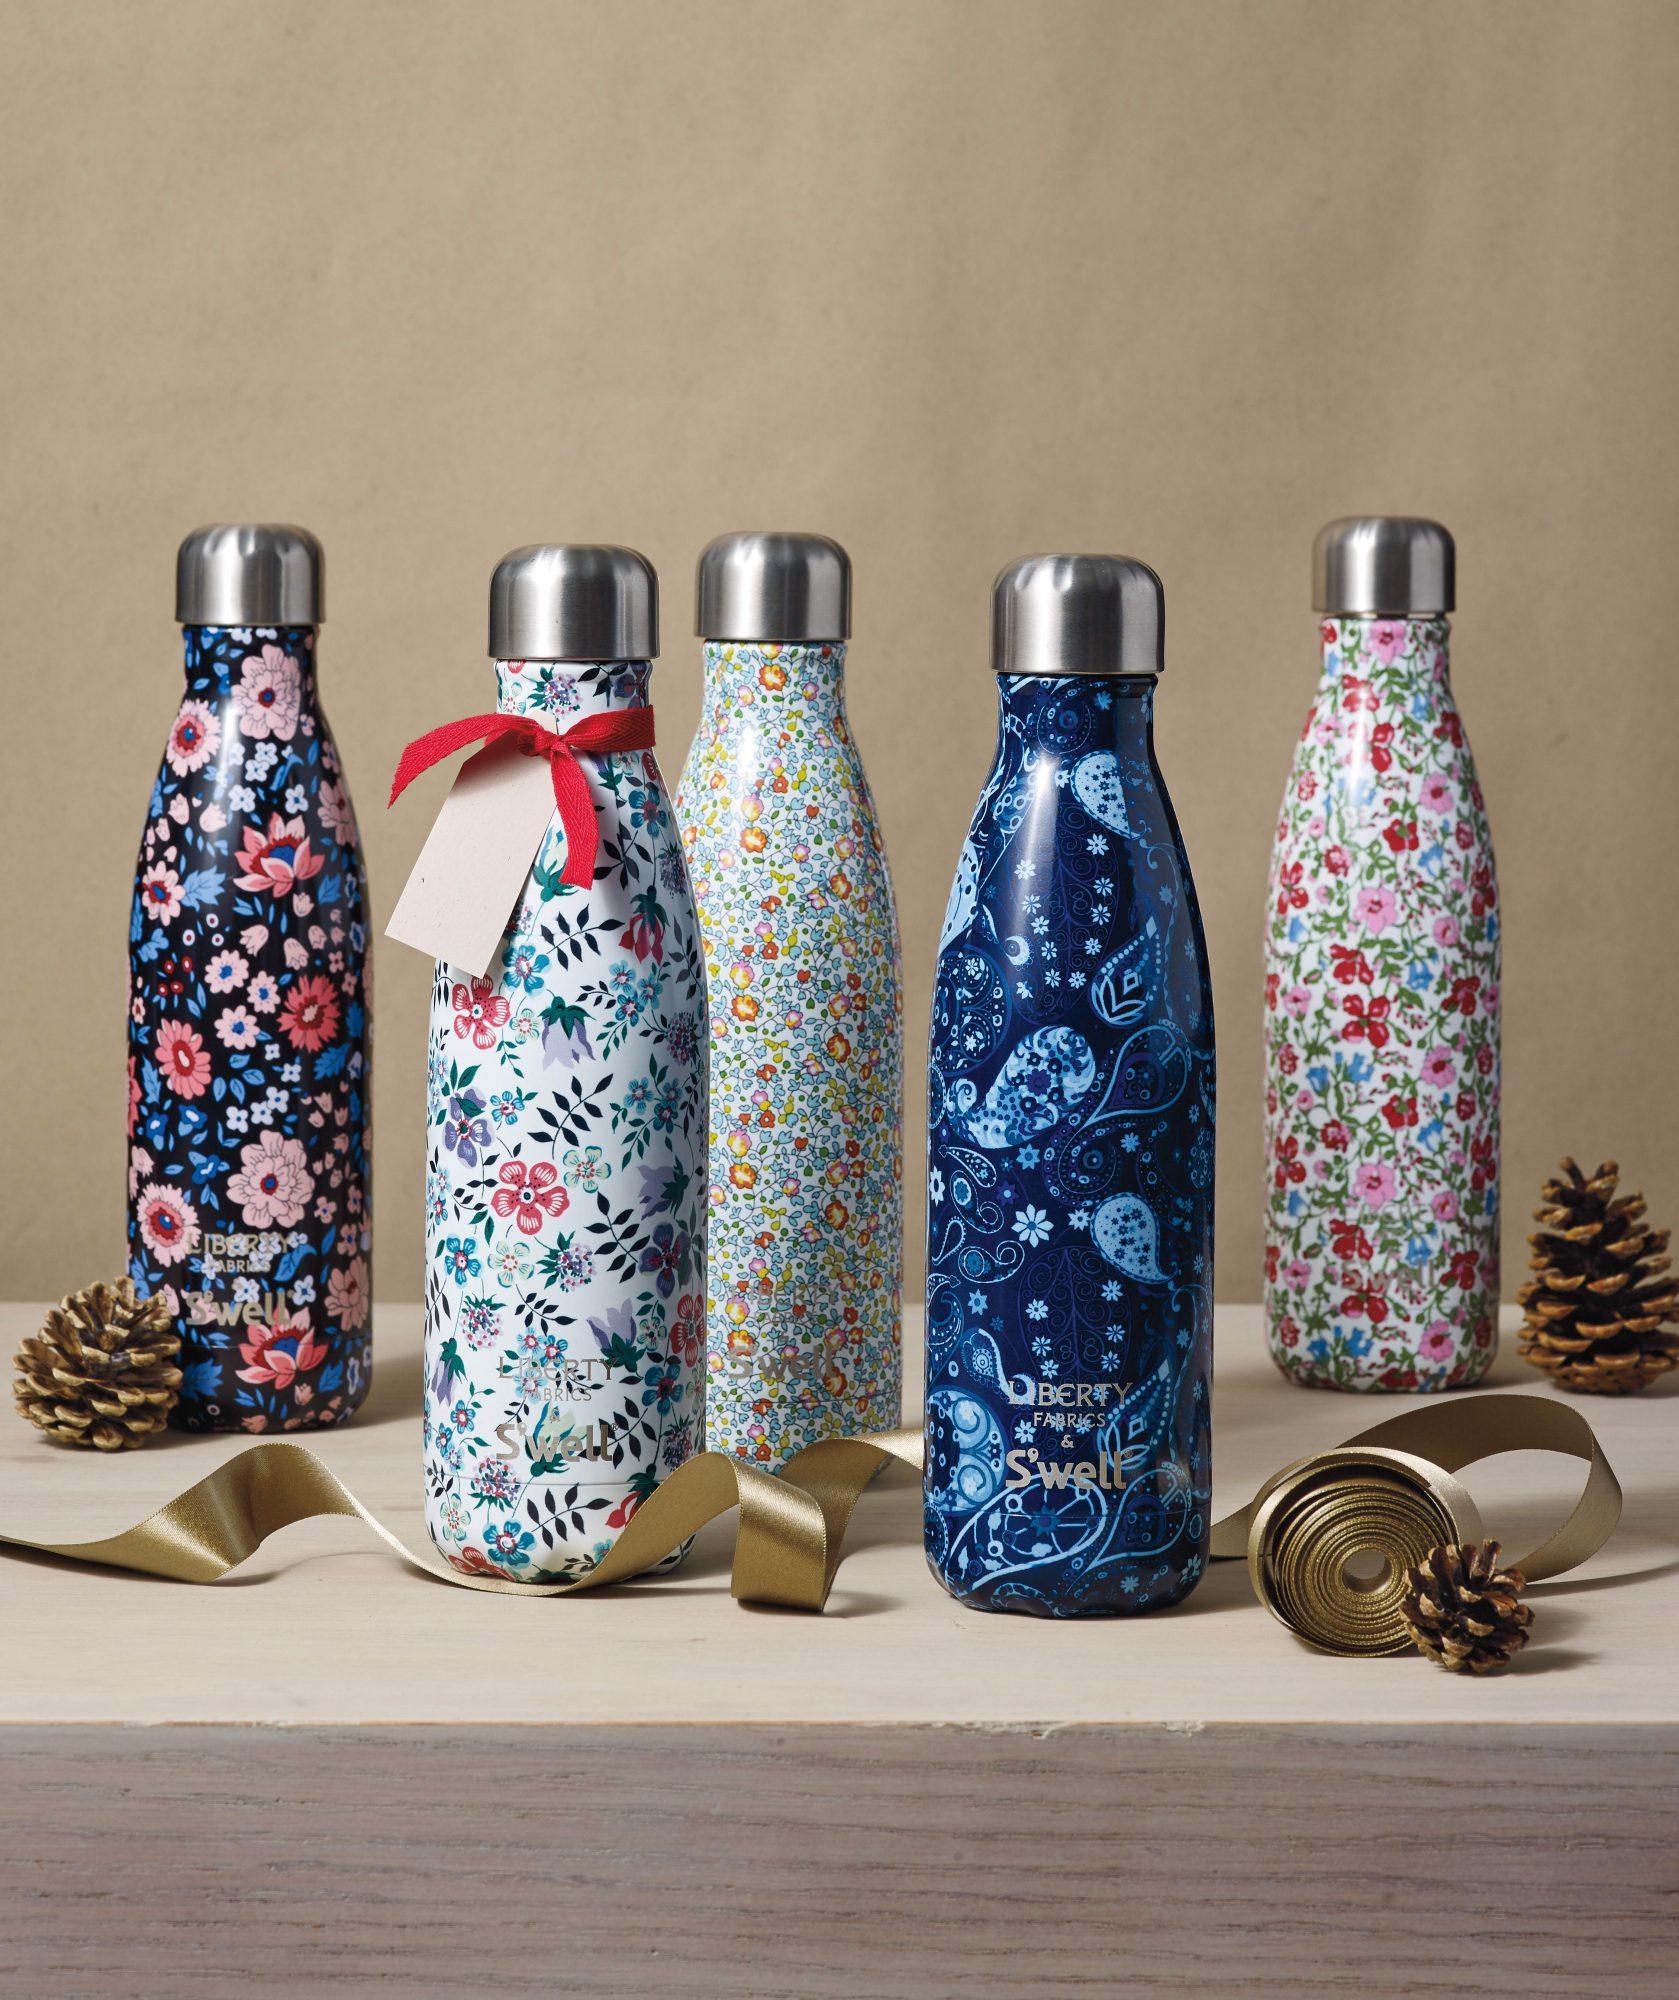 starbucks-swell-bottles